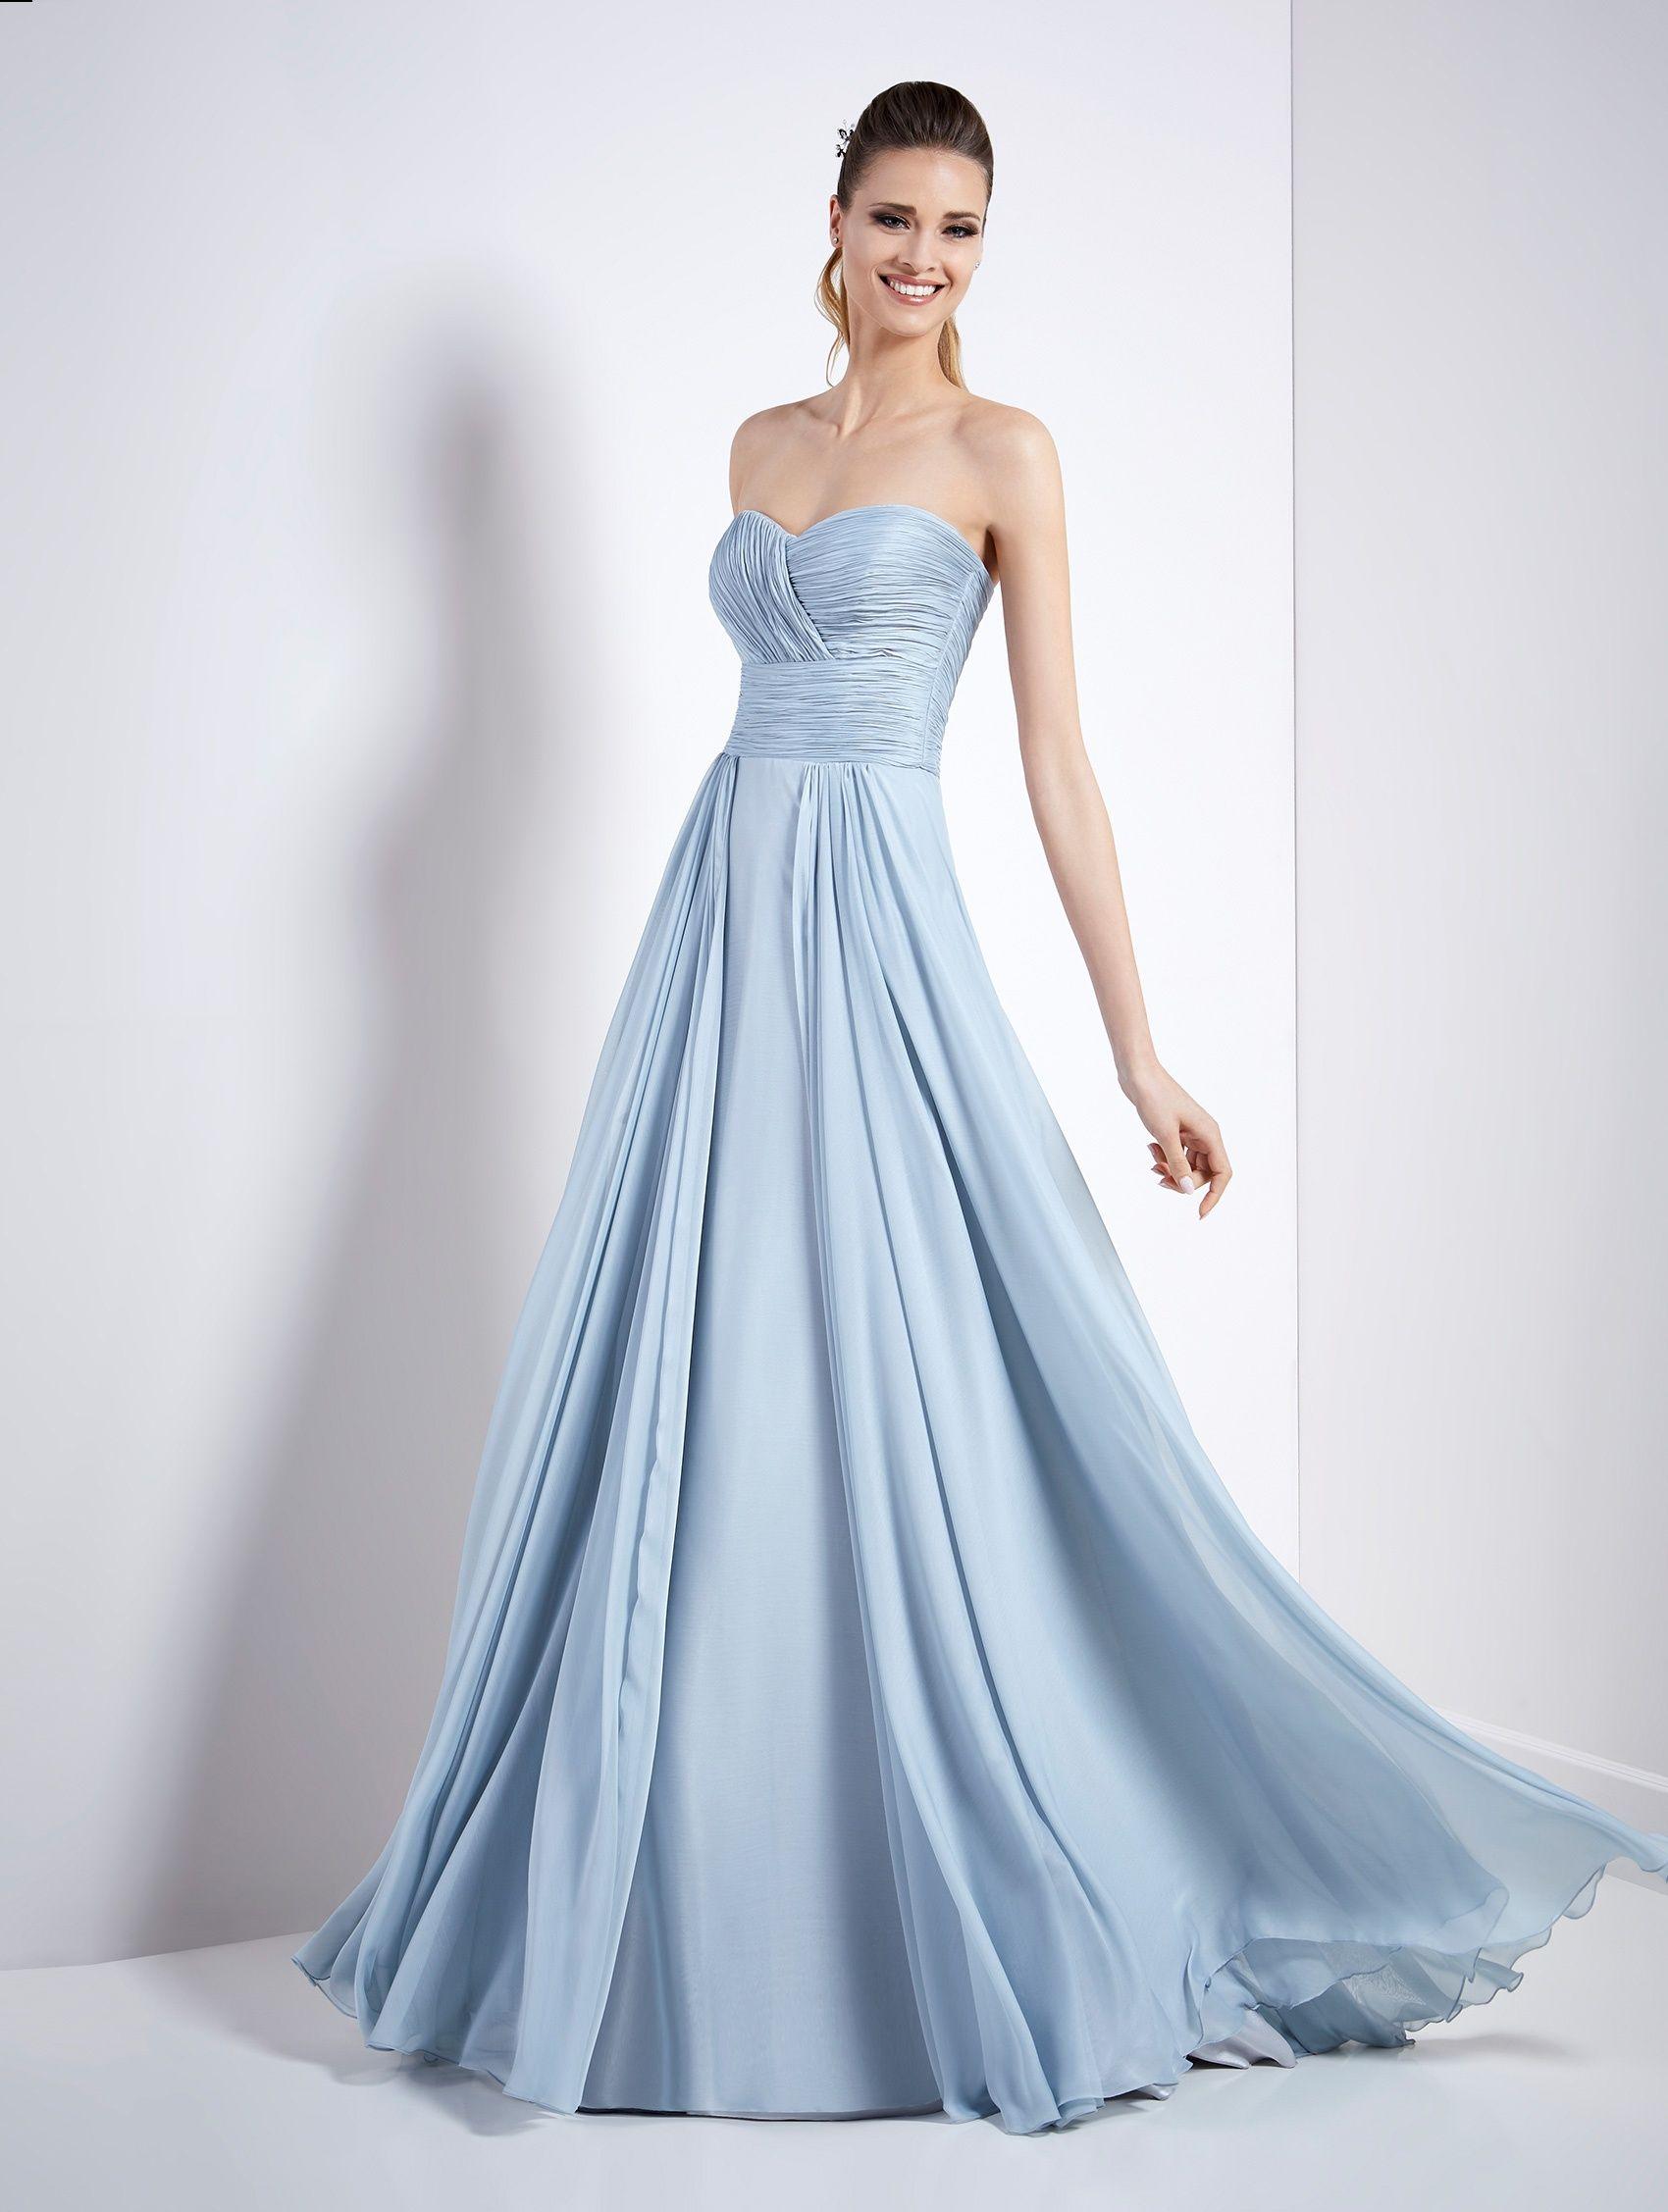 0341038d87ab Moda sposa 2018 - Collezione CERIMONIA NICOLE. CEAB18240. Abito da sposa  Nicole.